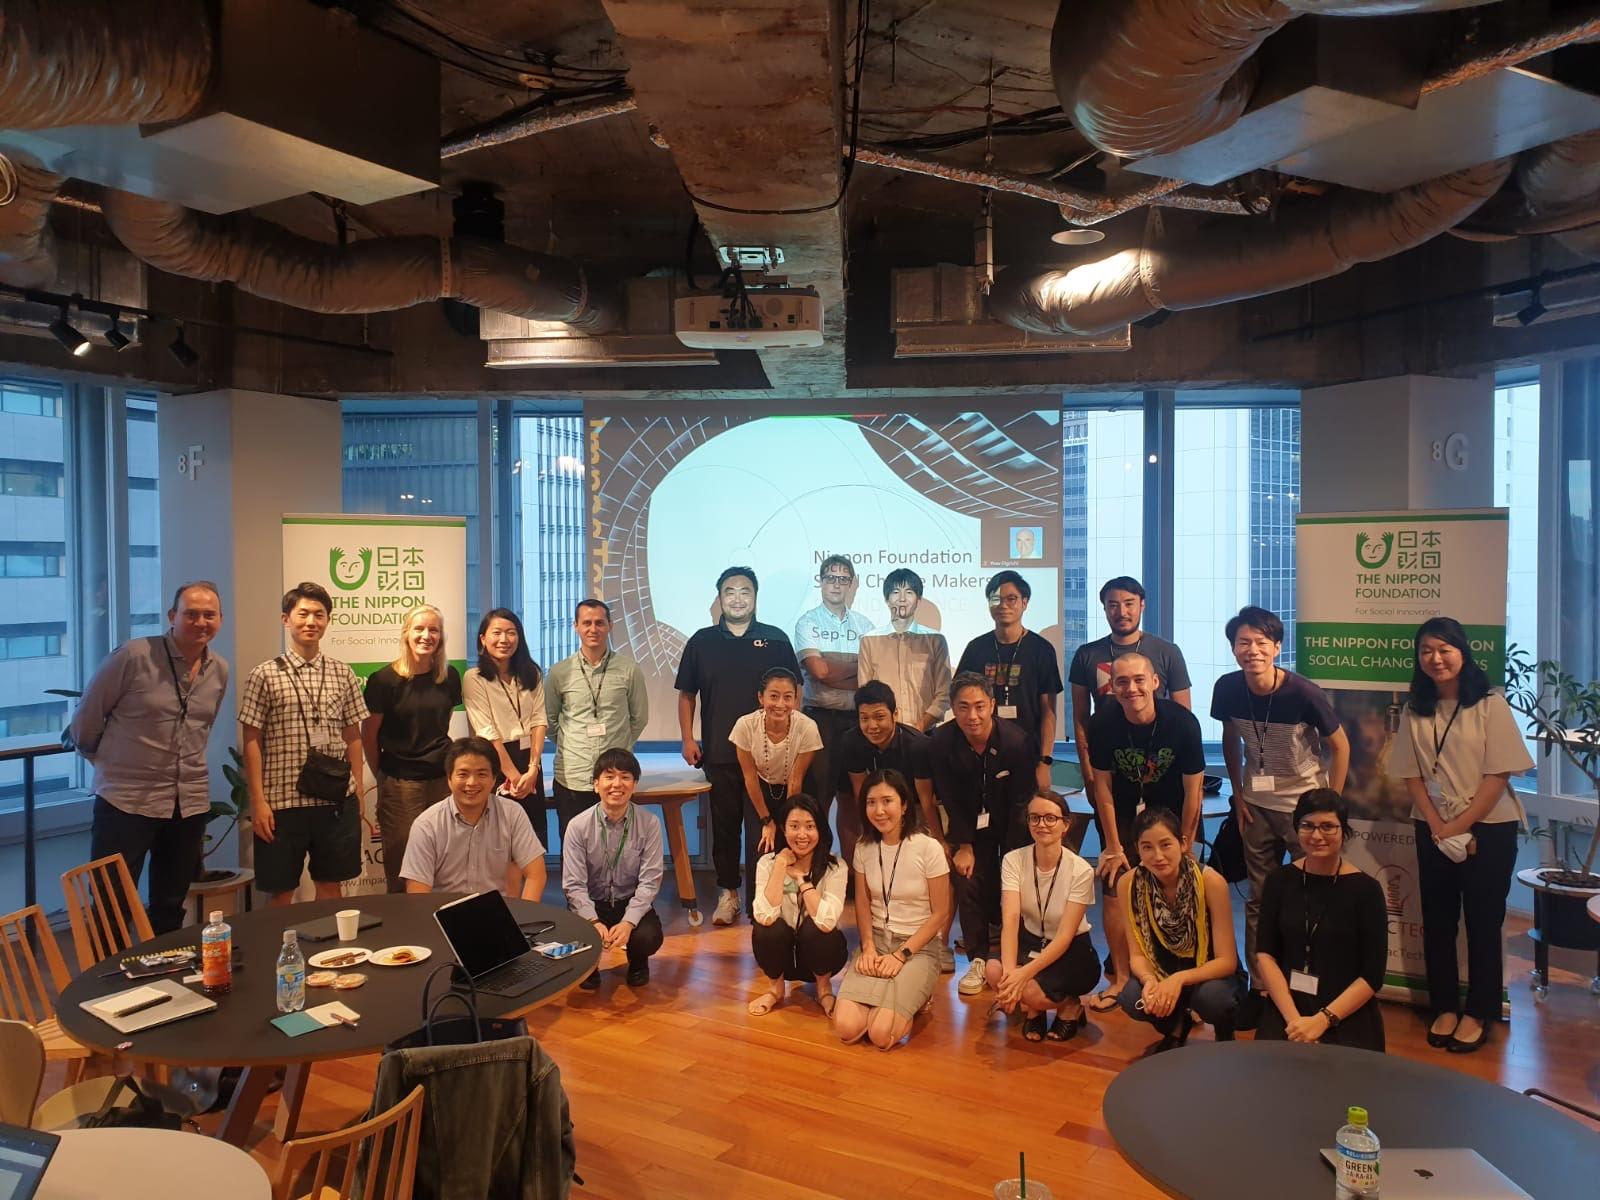 【グローバル展開への一歩】日本財団とImpacTech Japan共同主催のソーシャルチェンジメーカーズに採択されました!